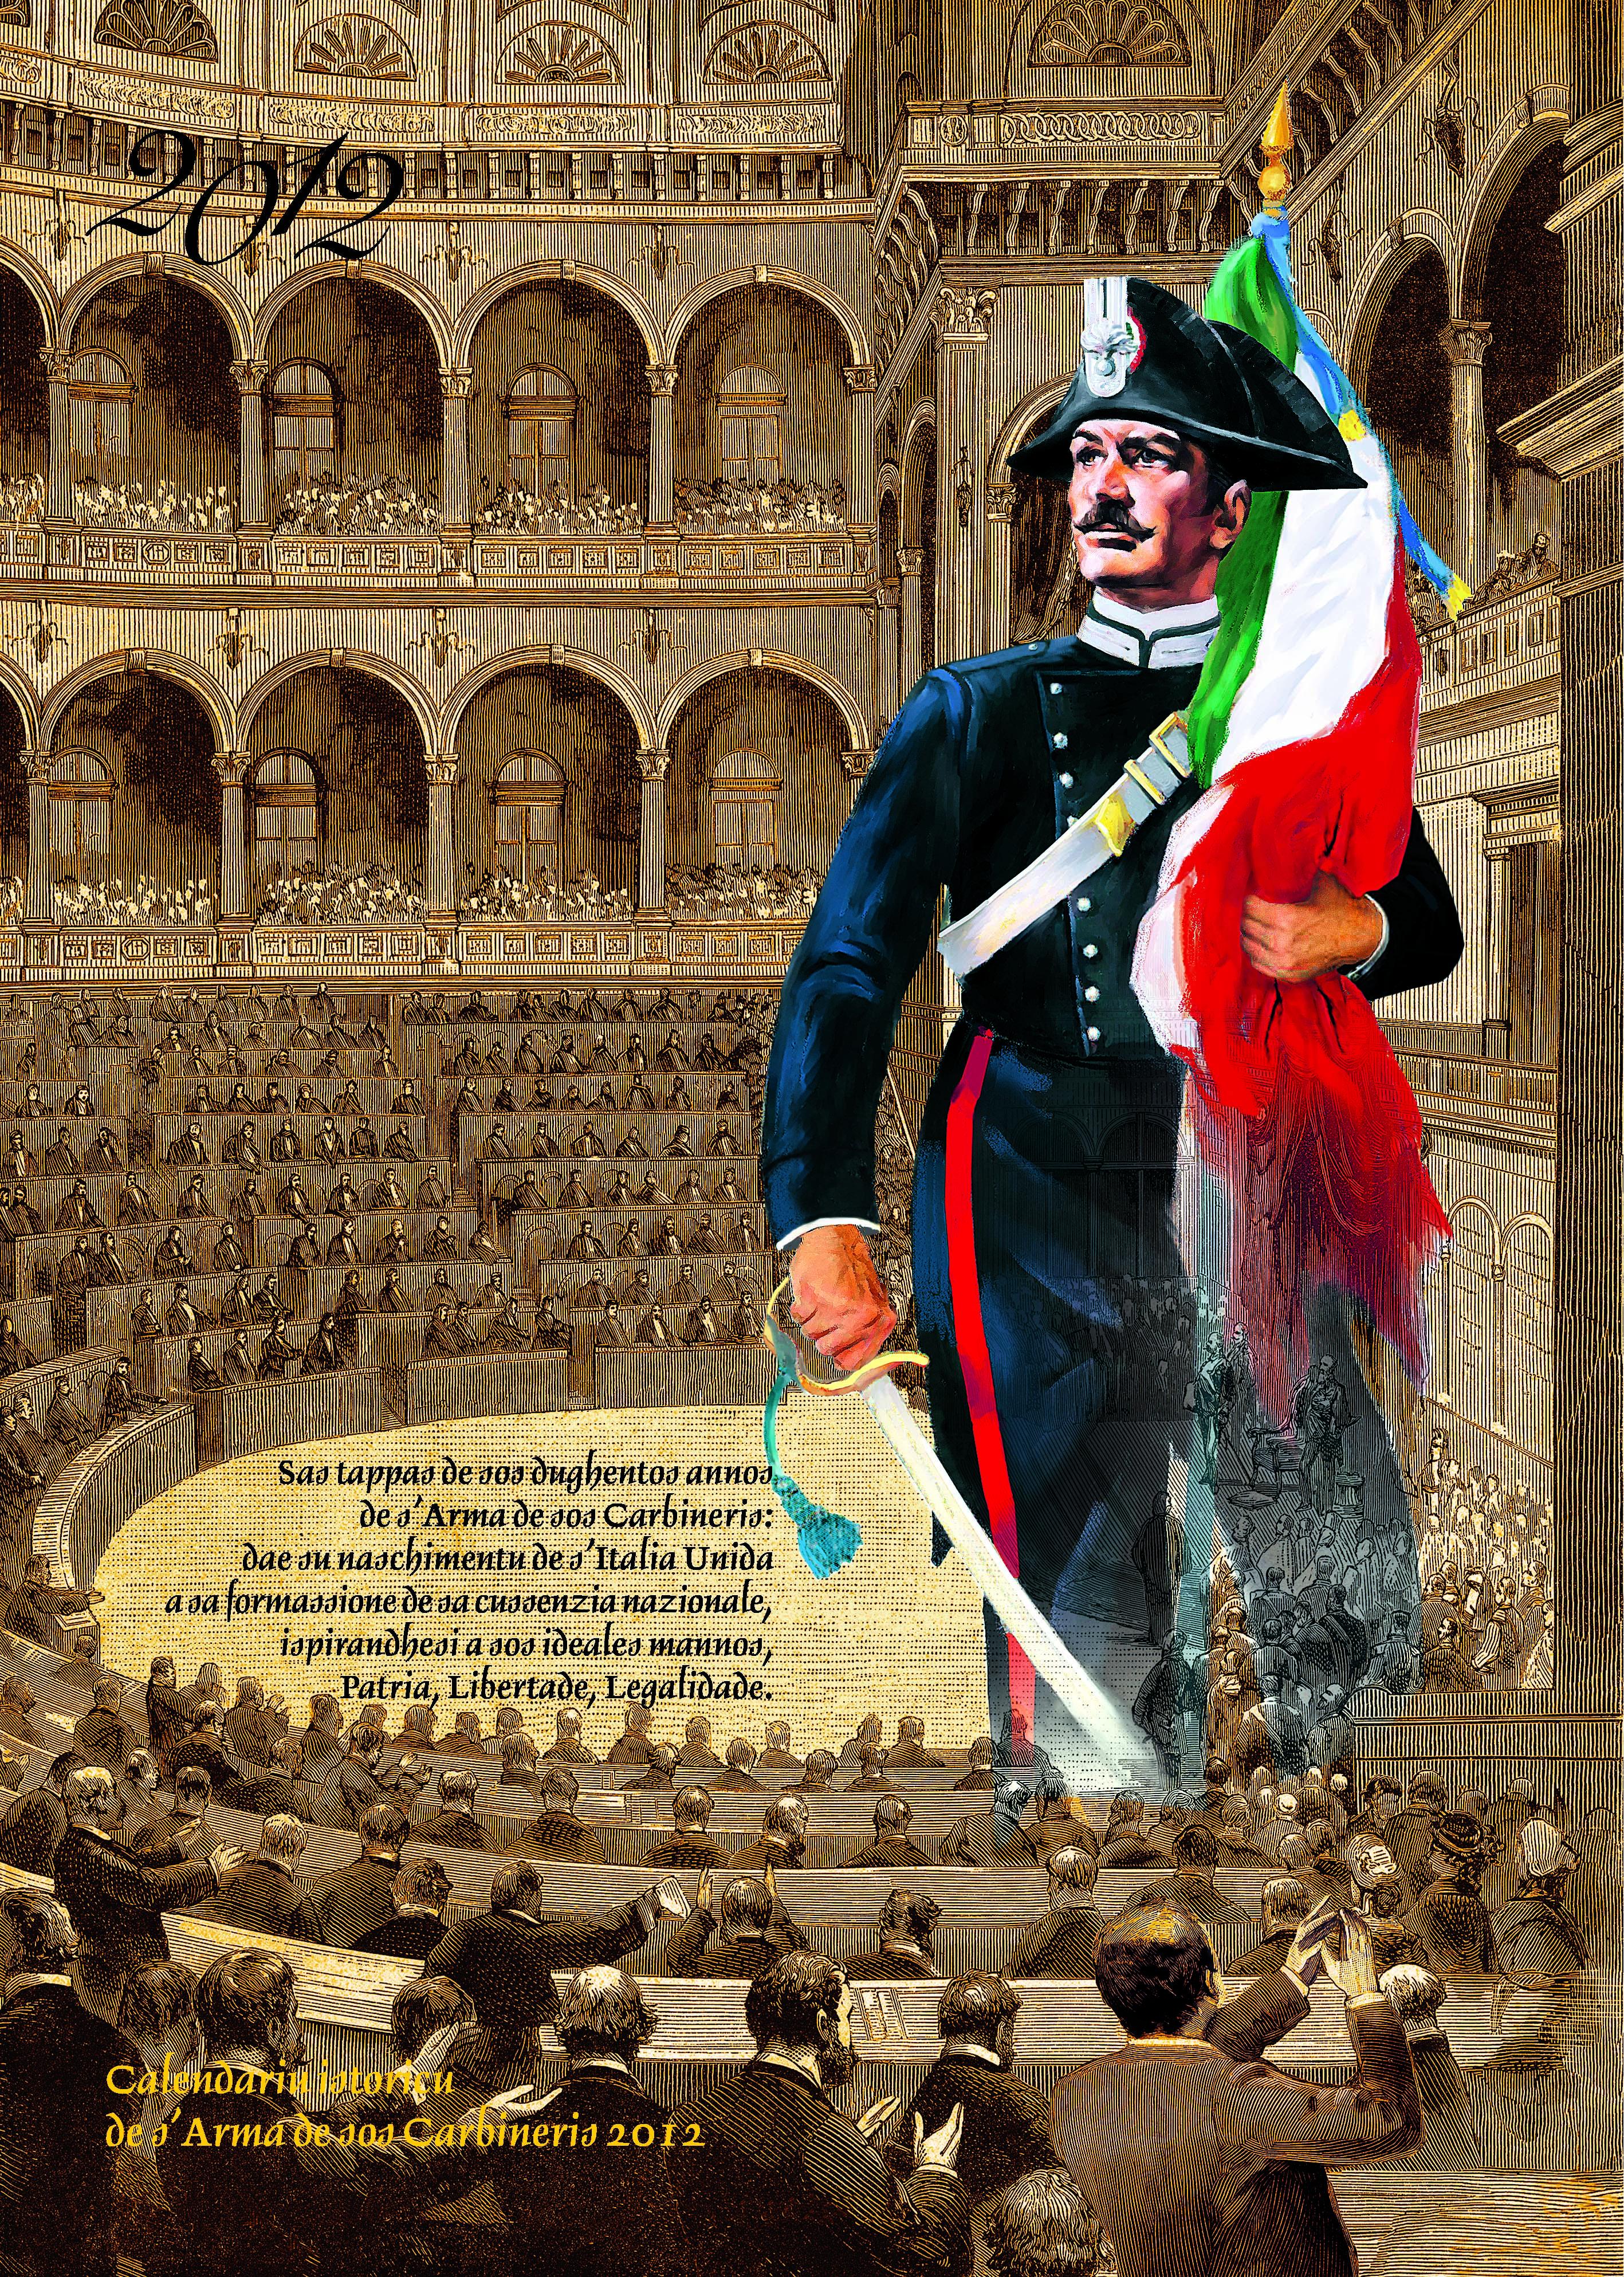 Calendario Carabinieri.Calendario Storico Dell Arma Dei Carabinieri 2012